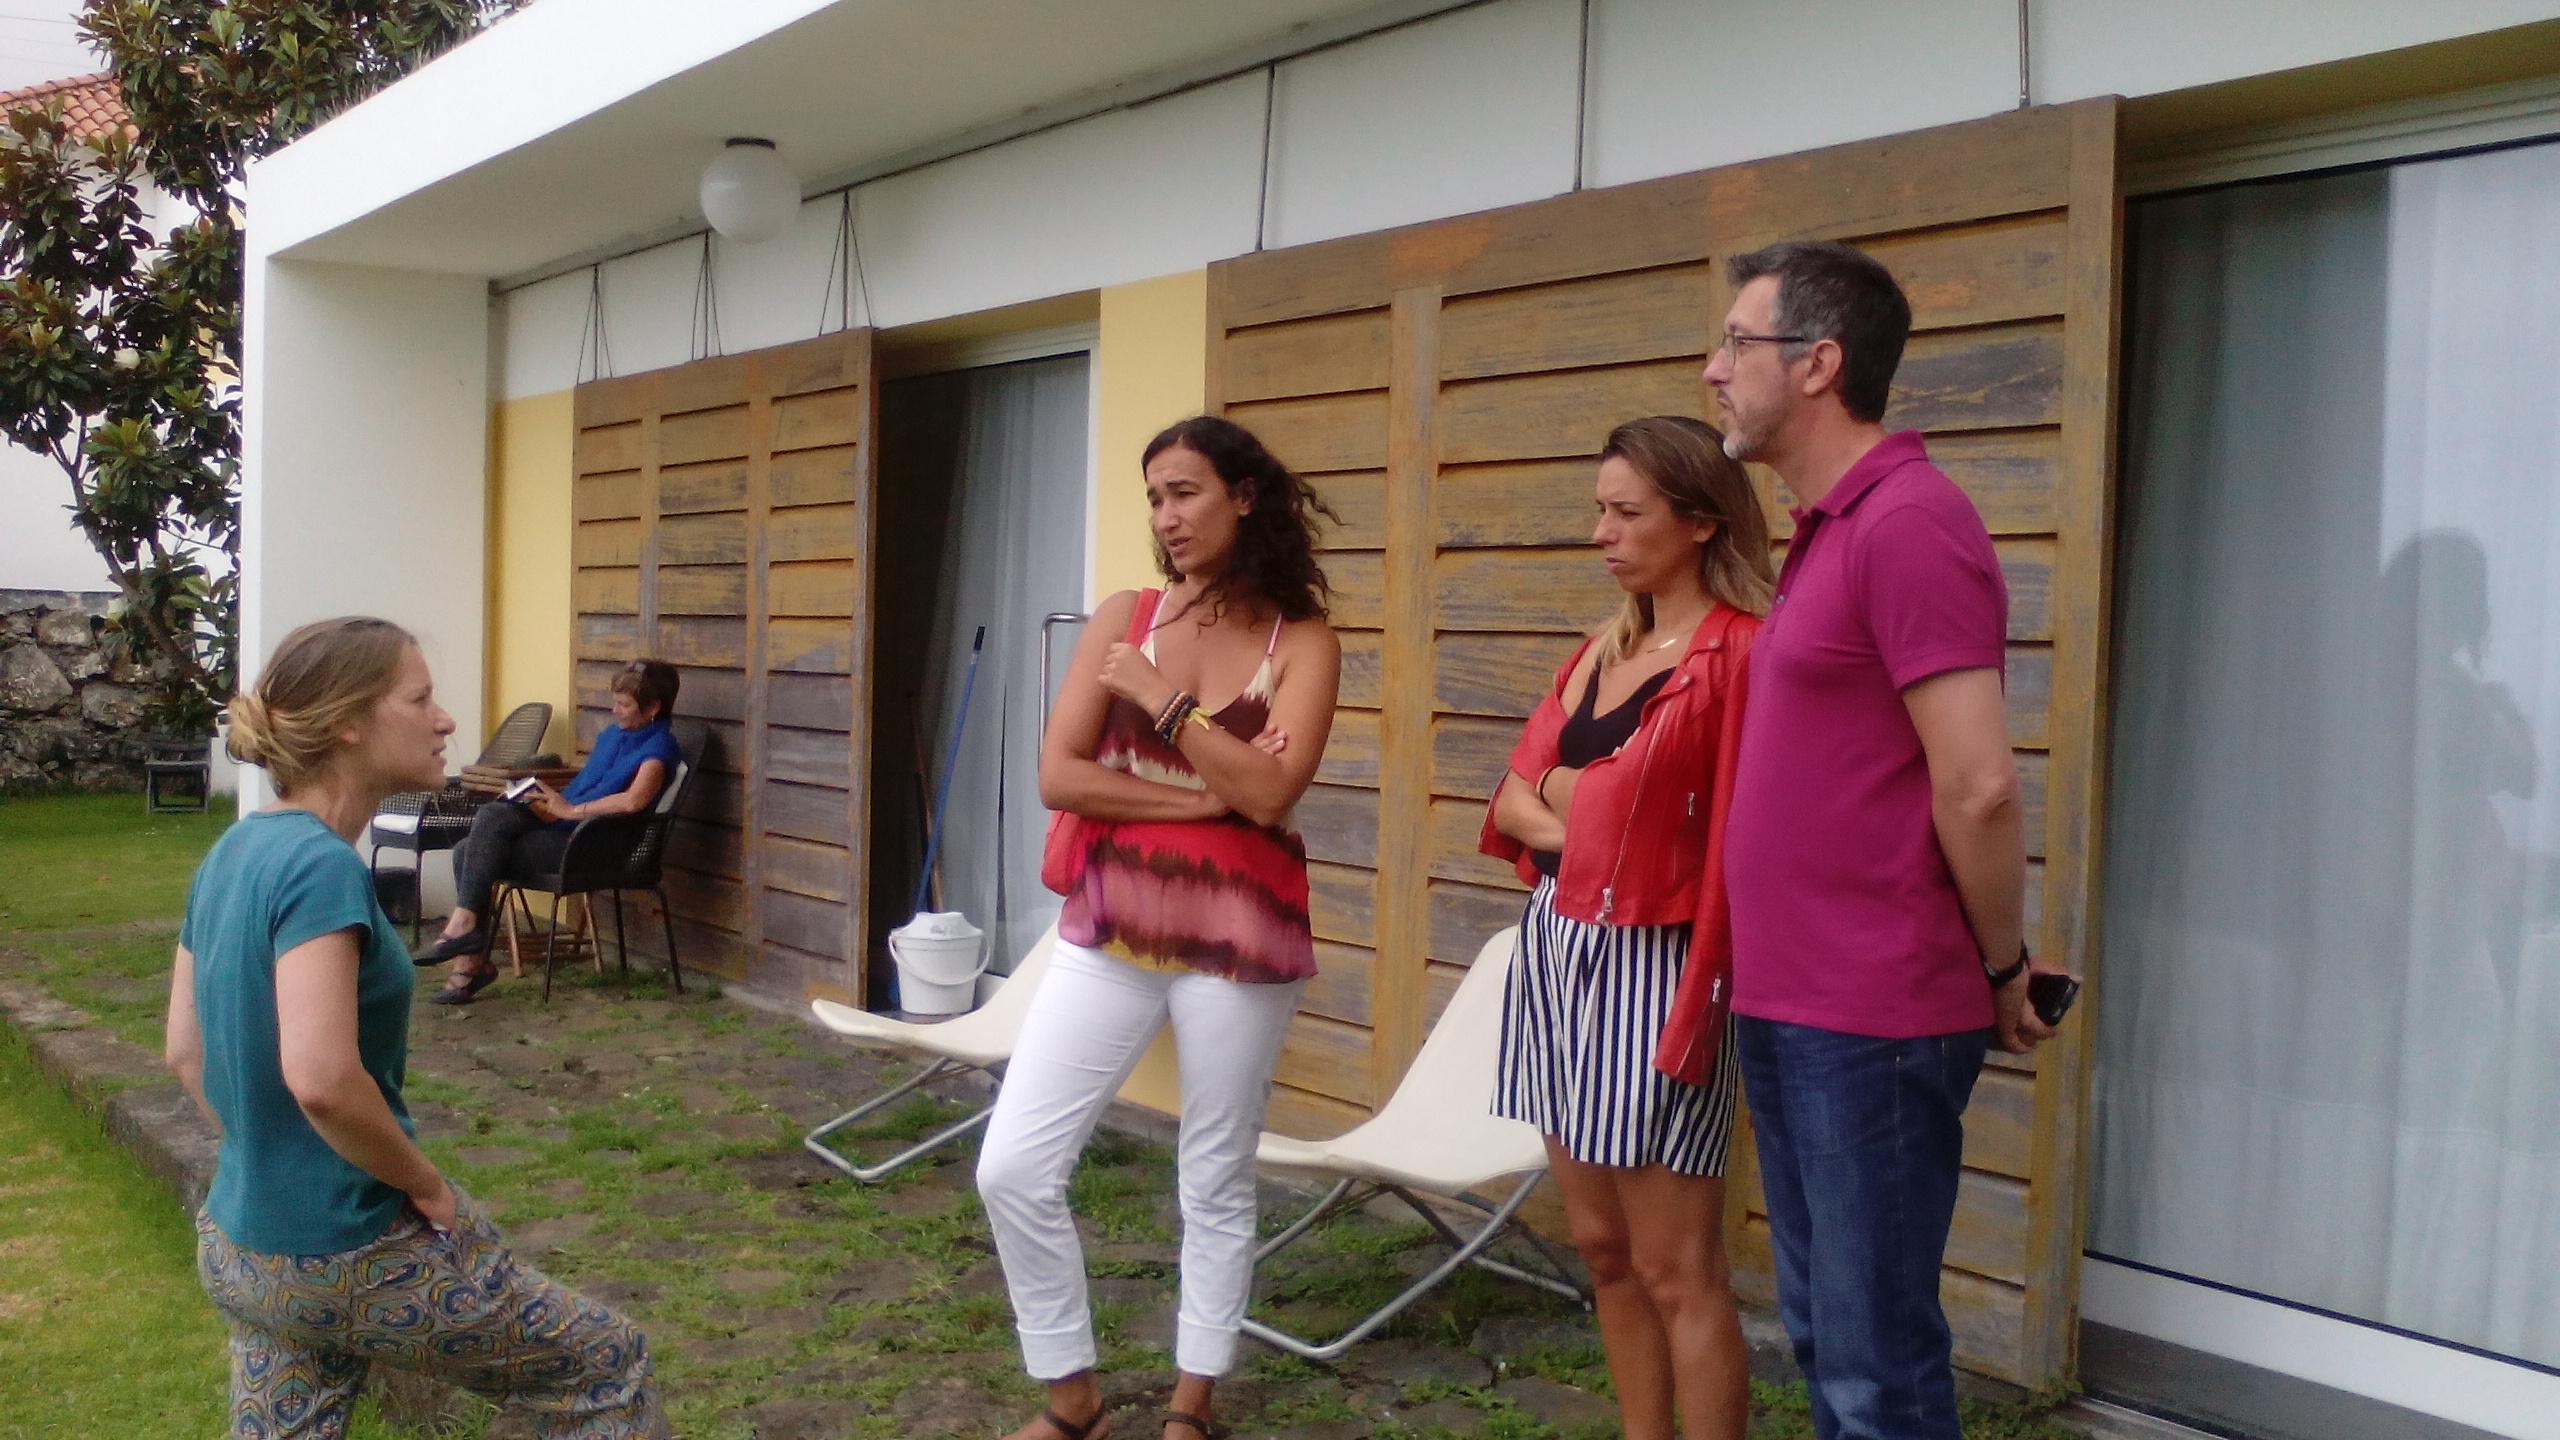 Rosa Dart visita empreendimento turístico em São Jorge e critica políticas da SATA (c/áudio)